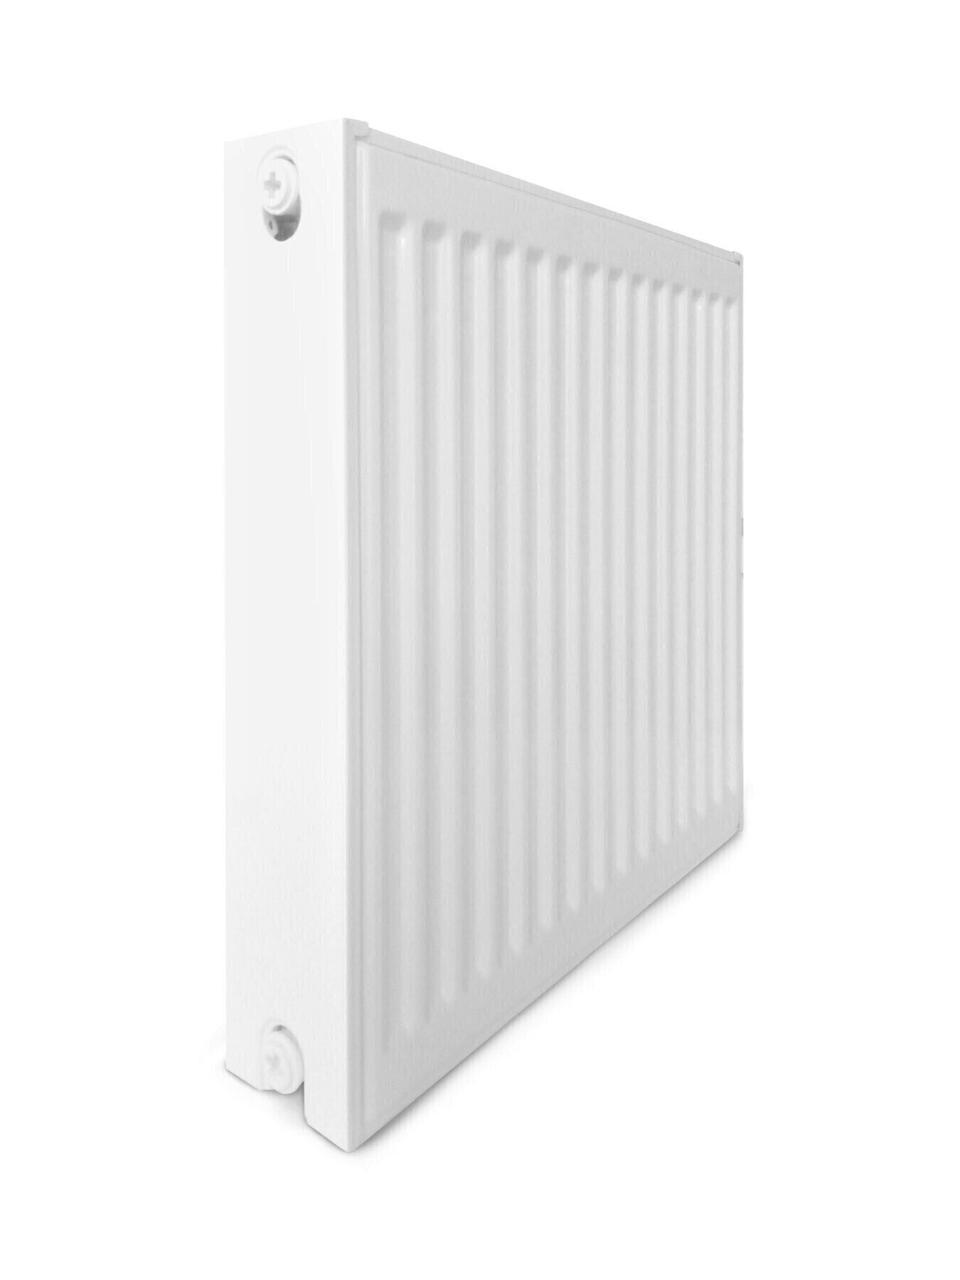 Радиатор стальной панельный Optimum 600x22х1300 (3182  Вт)